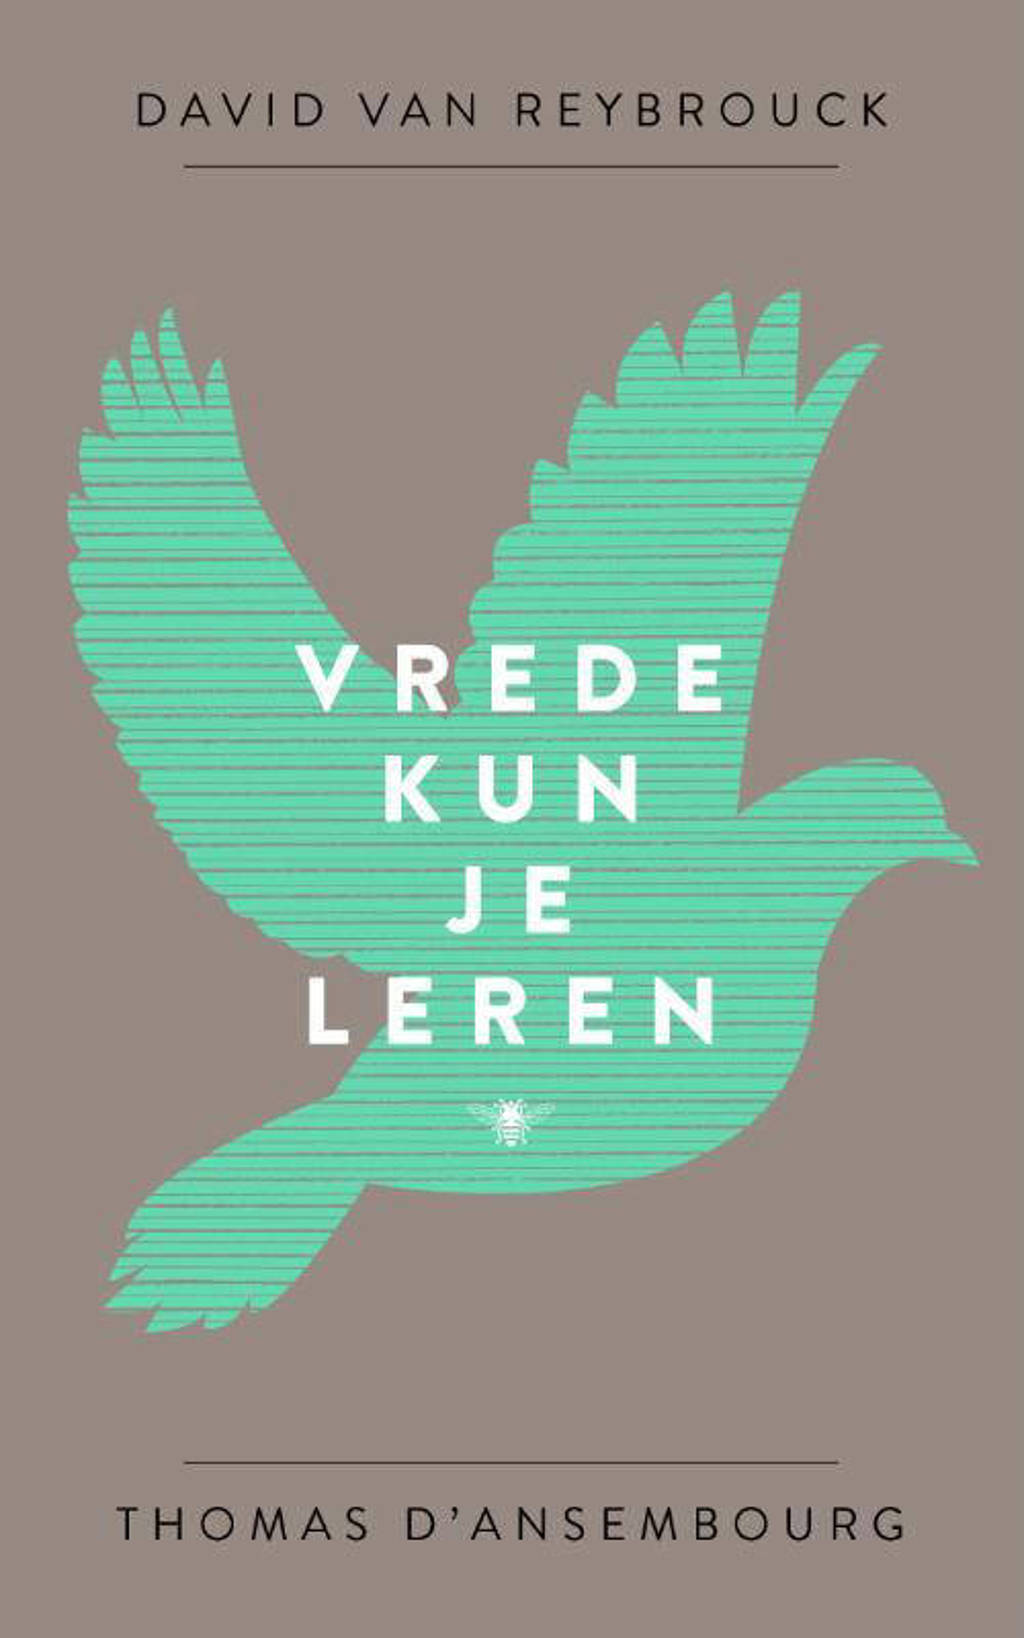 Vrede kun je leren - David Van Reybrouck en Thomas D'Ansembourg